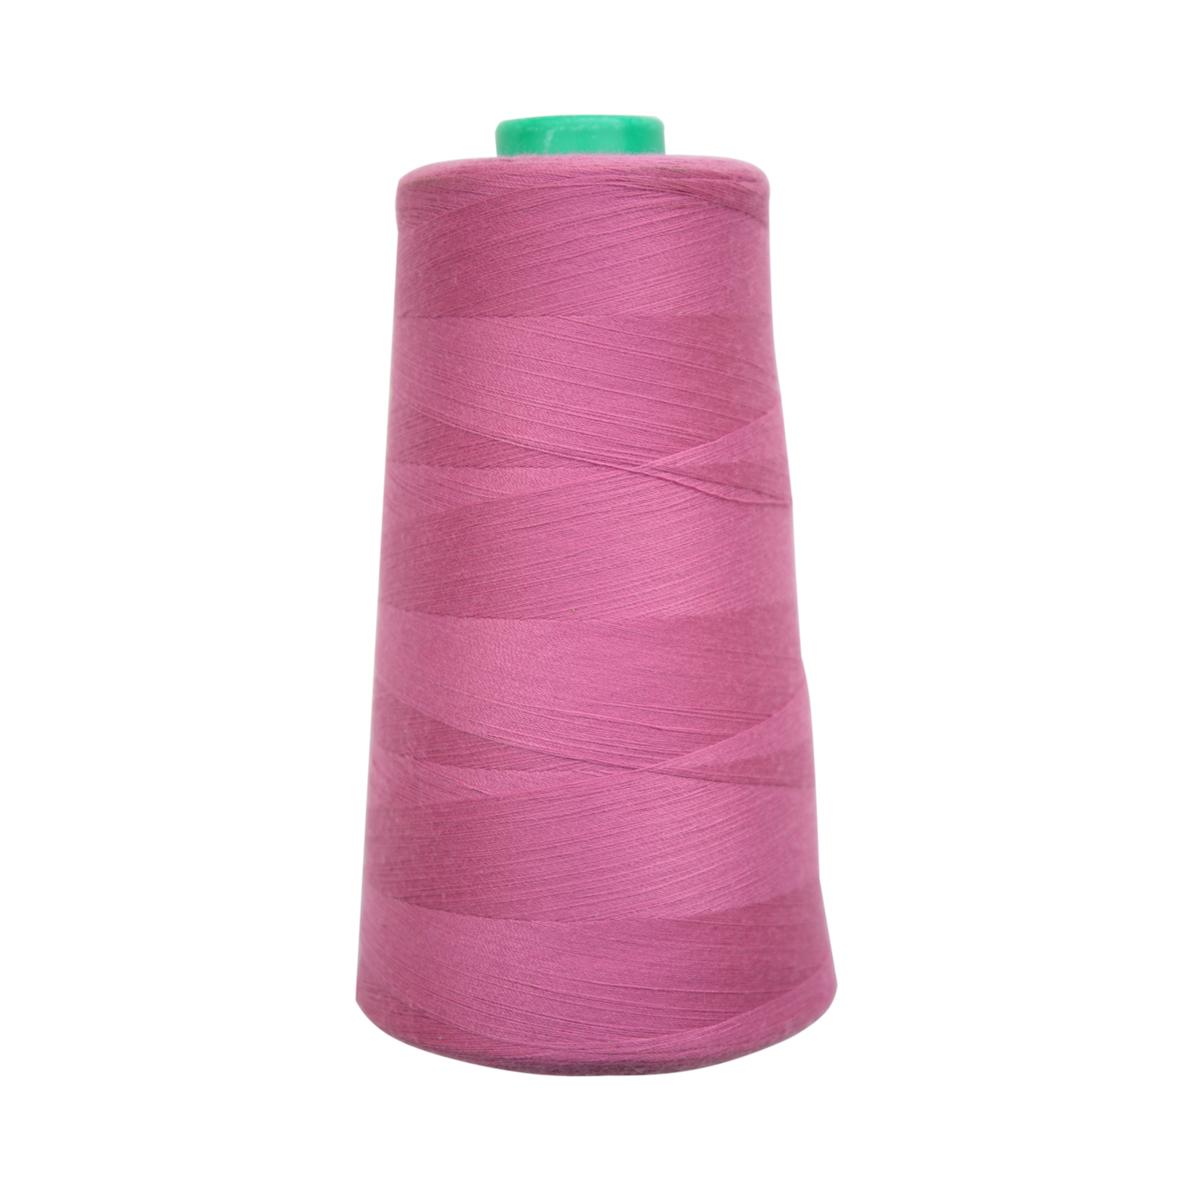 Нитки для шитья Bestex 50/2, 5000 ярд, цвет: т.фуксия (296)7700936-296Сфера использования: трикотаж; ткани малого веса; оверлочные швы; отделка краев; вышивка. Размер игл №70-80